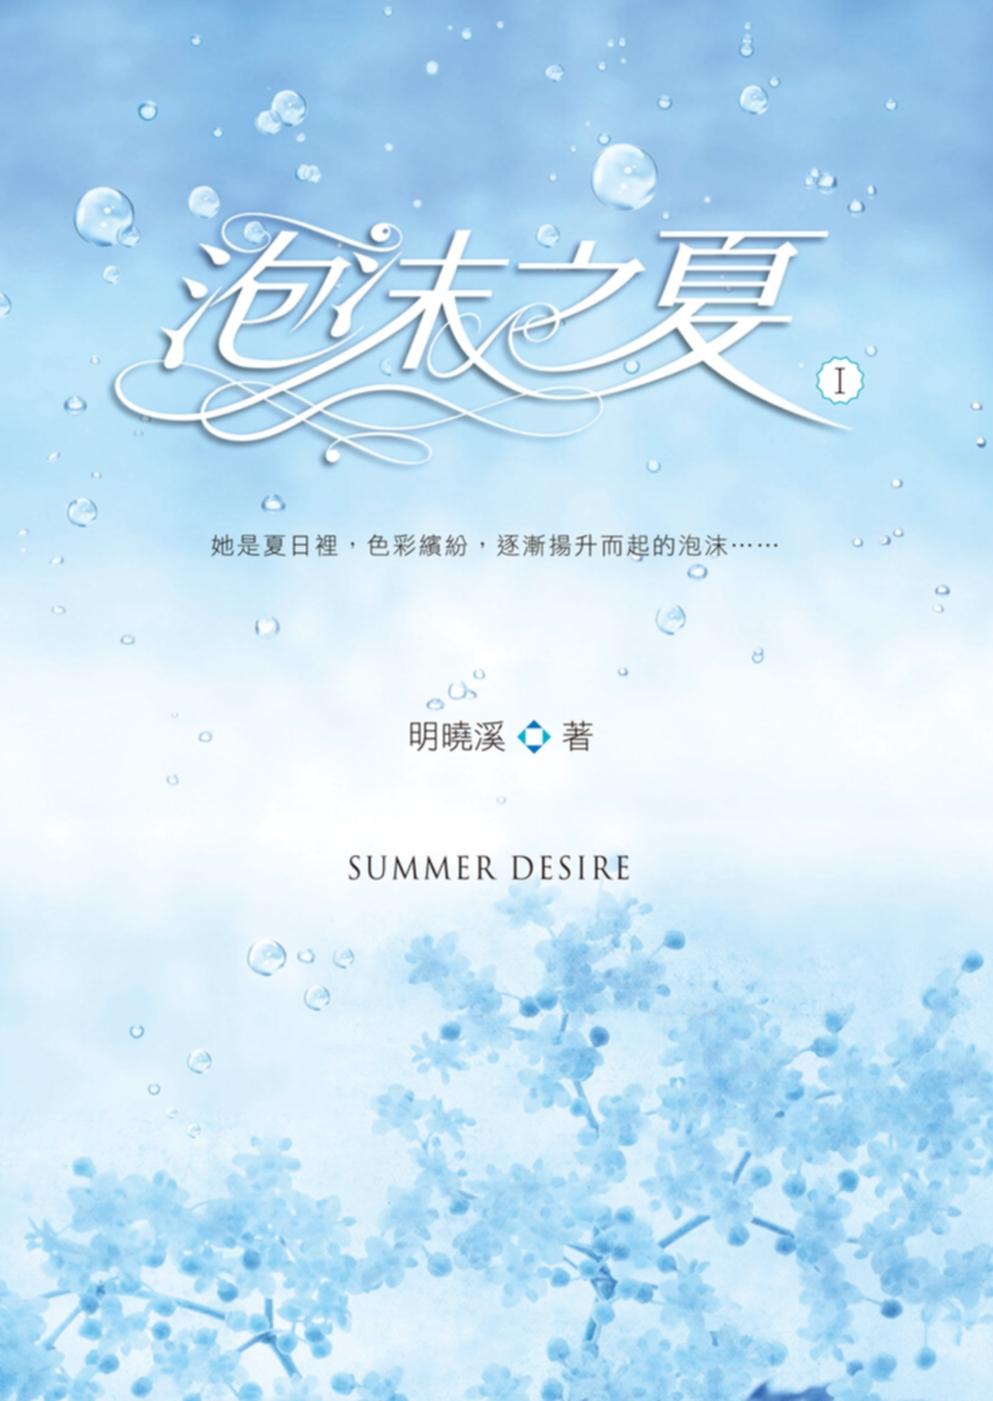 泡沫之夏Ⅰ